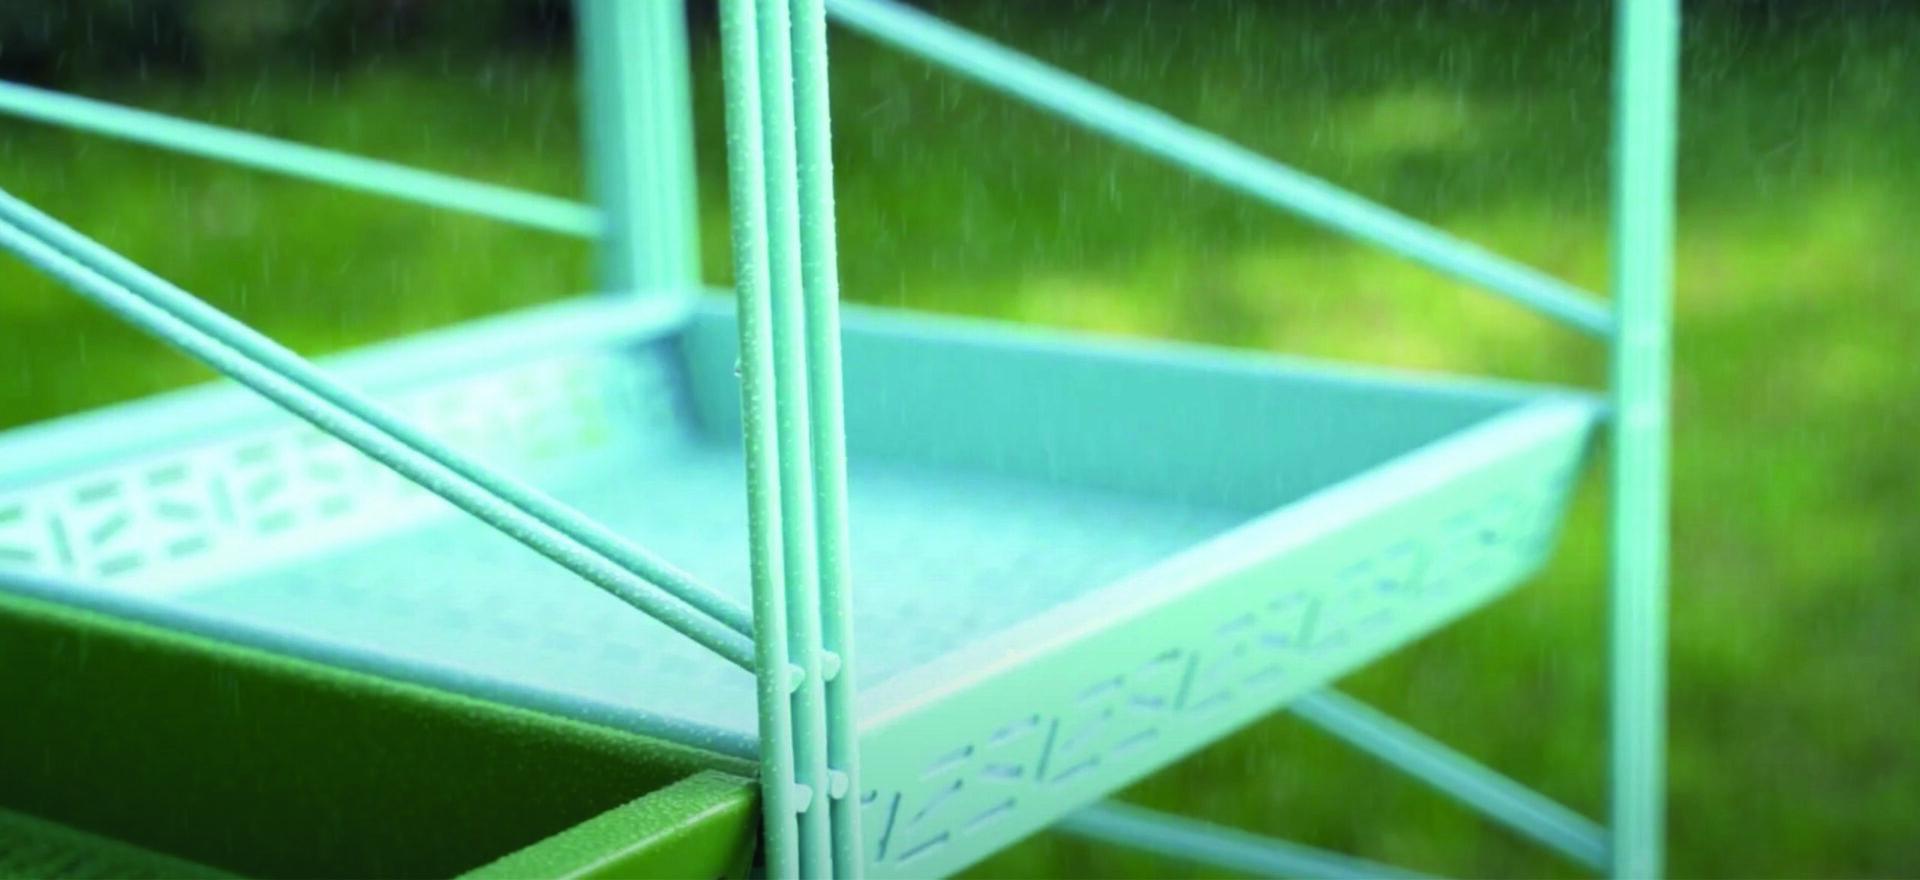 Socrate Outdoor_Outdoor Furniture_Caimi_Mario Trimarchi Design